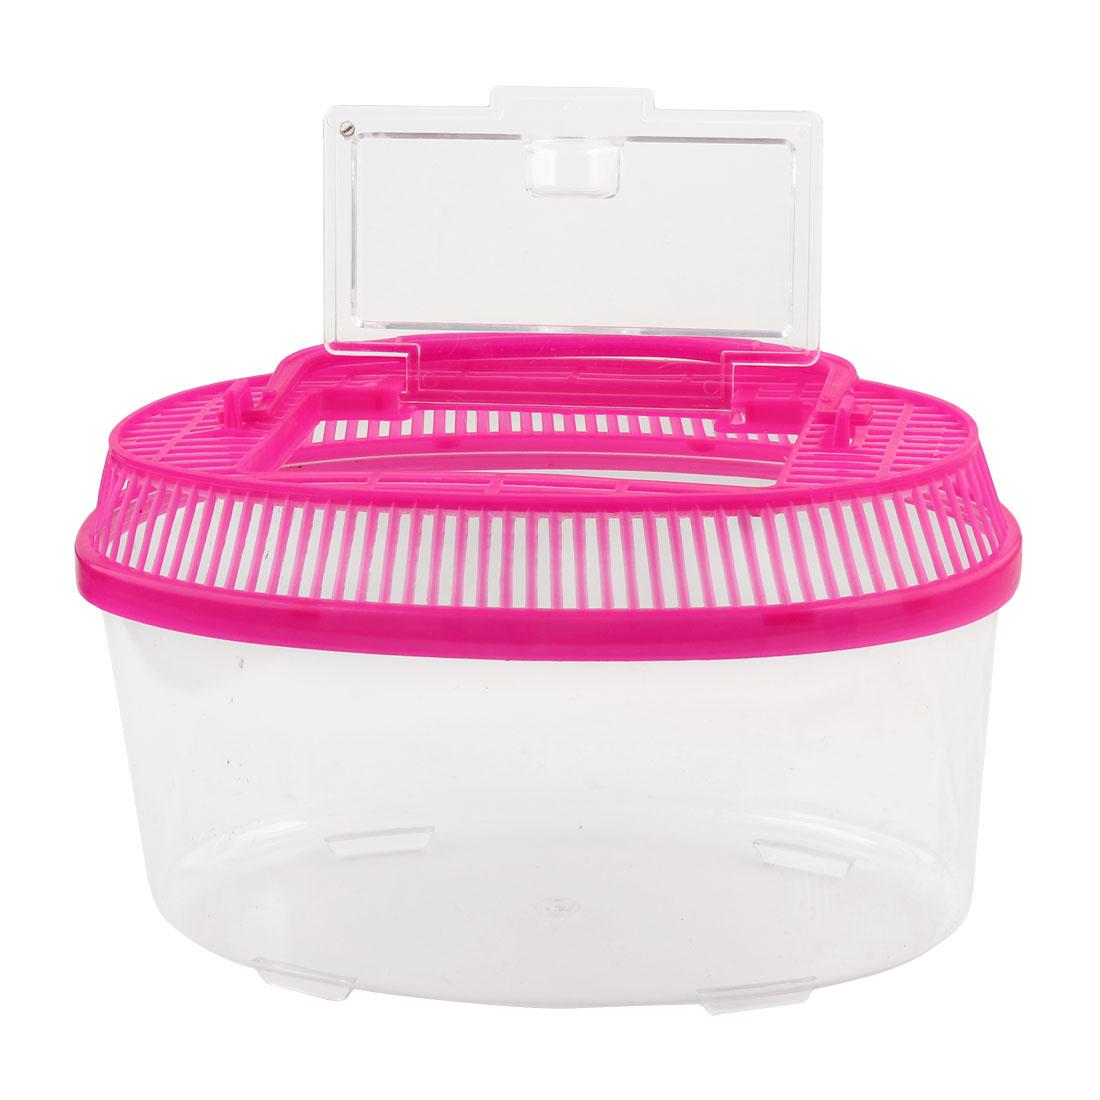 Plastic Oval Shape Aquarium Betta Fish Tank Pet Feed Box